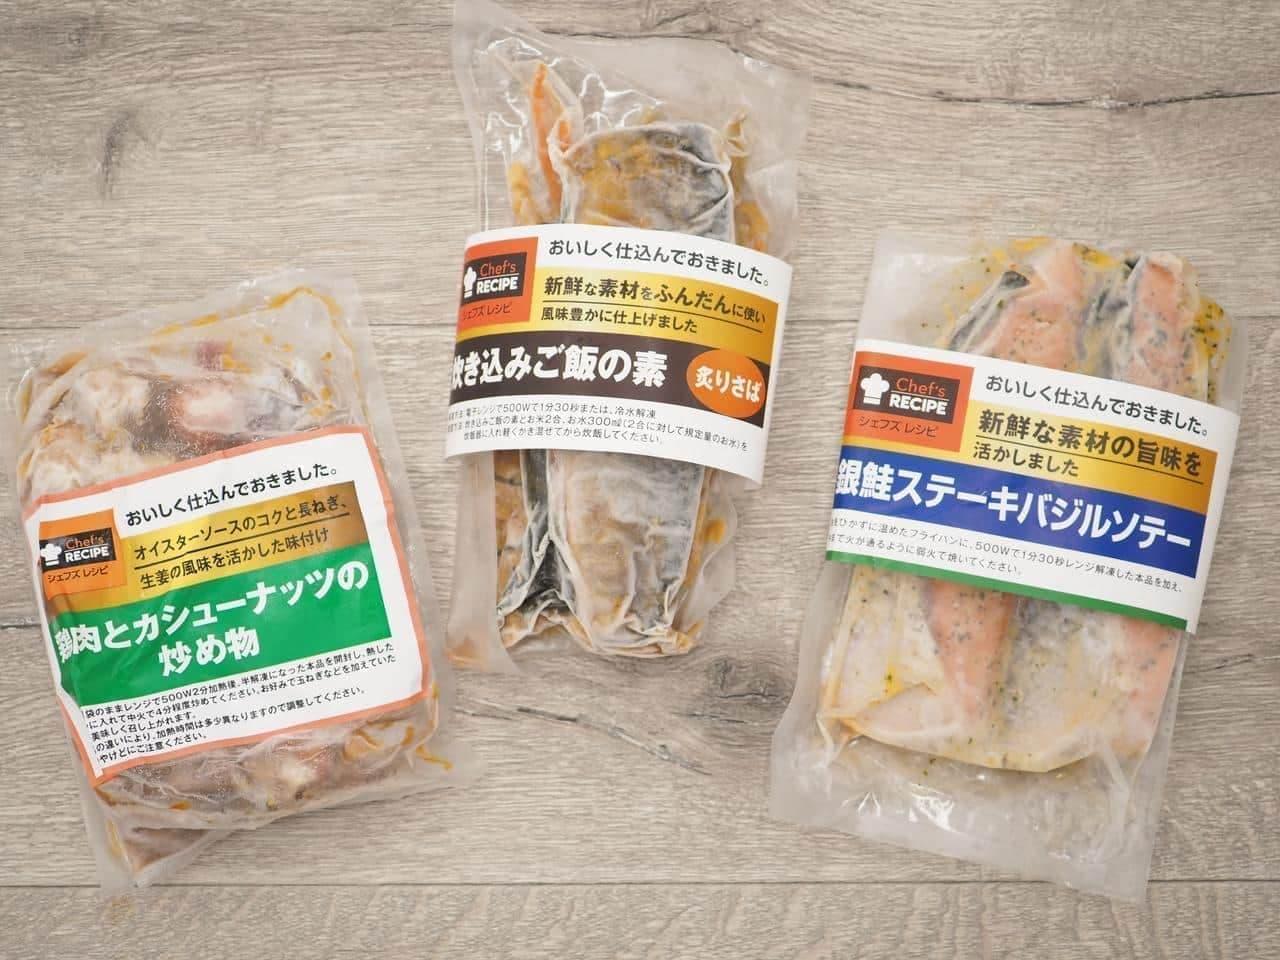 シェフズレシピの「炊き込みご飯の素(炙りさば)」「銀鮭ステーキバジルソテー」「鶏肉とカシューナッツの炒め物」